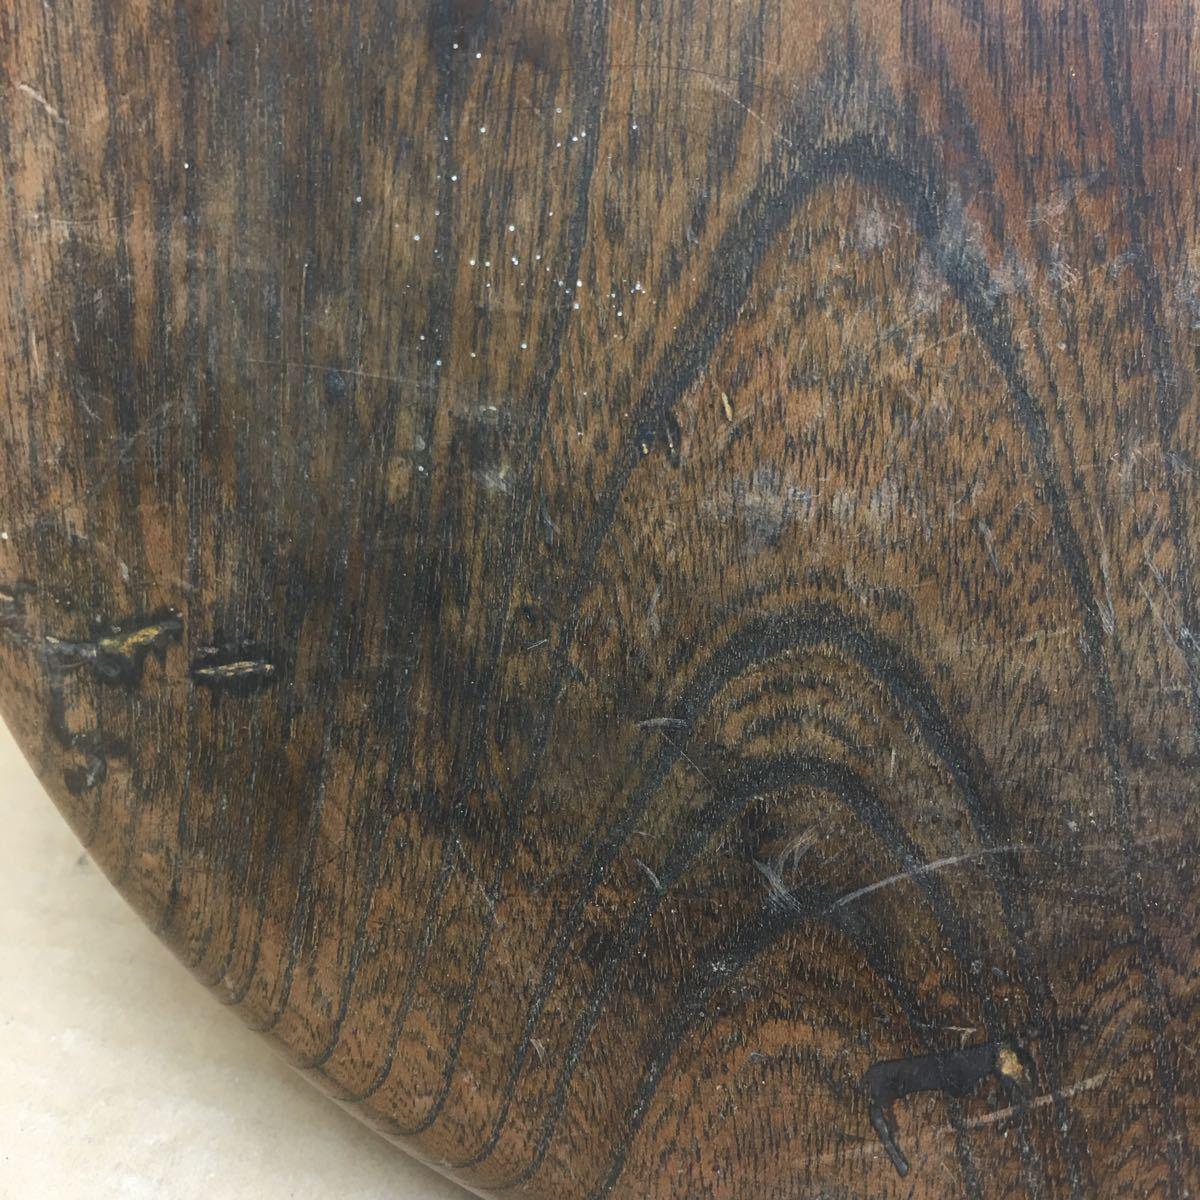 丸盆 煎茶道具 お盆 無垢材木目が美しい煎茶盆 刳り貫き茶盆 時代古民具 古美術 古道具 直径約24cm_画像8